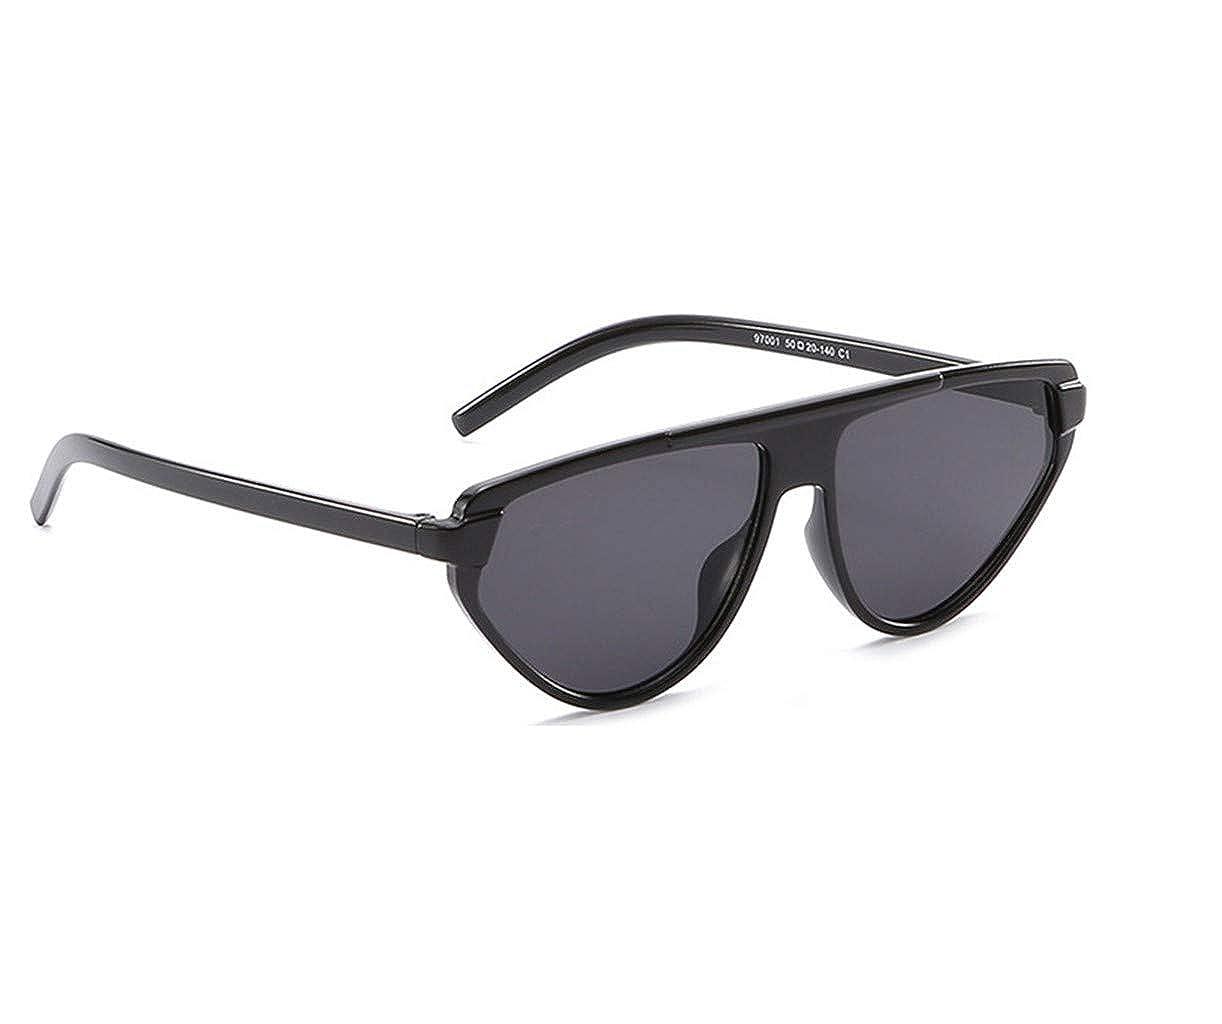 fd9be4c6c5 Gafas De Sol Mujer Ojo De Gato Moda Chic Super Cat Eye Cebbay protección UV  Lentes Tipo Retro Moda Estilo Vintage Gafas para Mujer: Amazon.es: Ropa y  ...